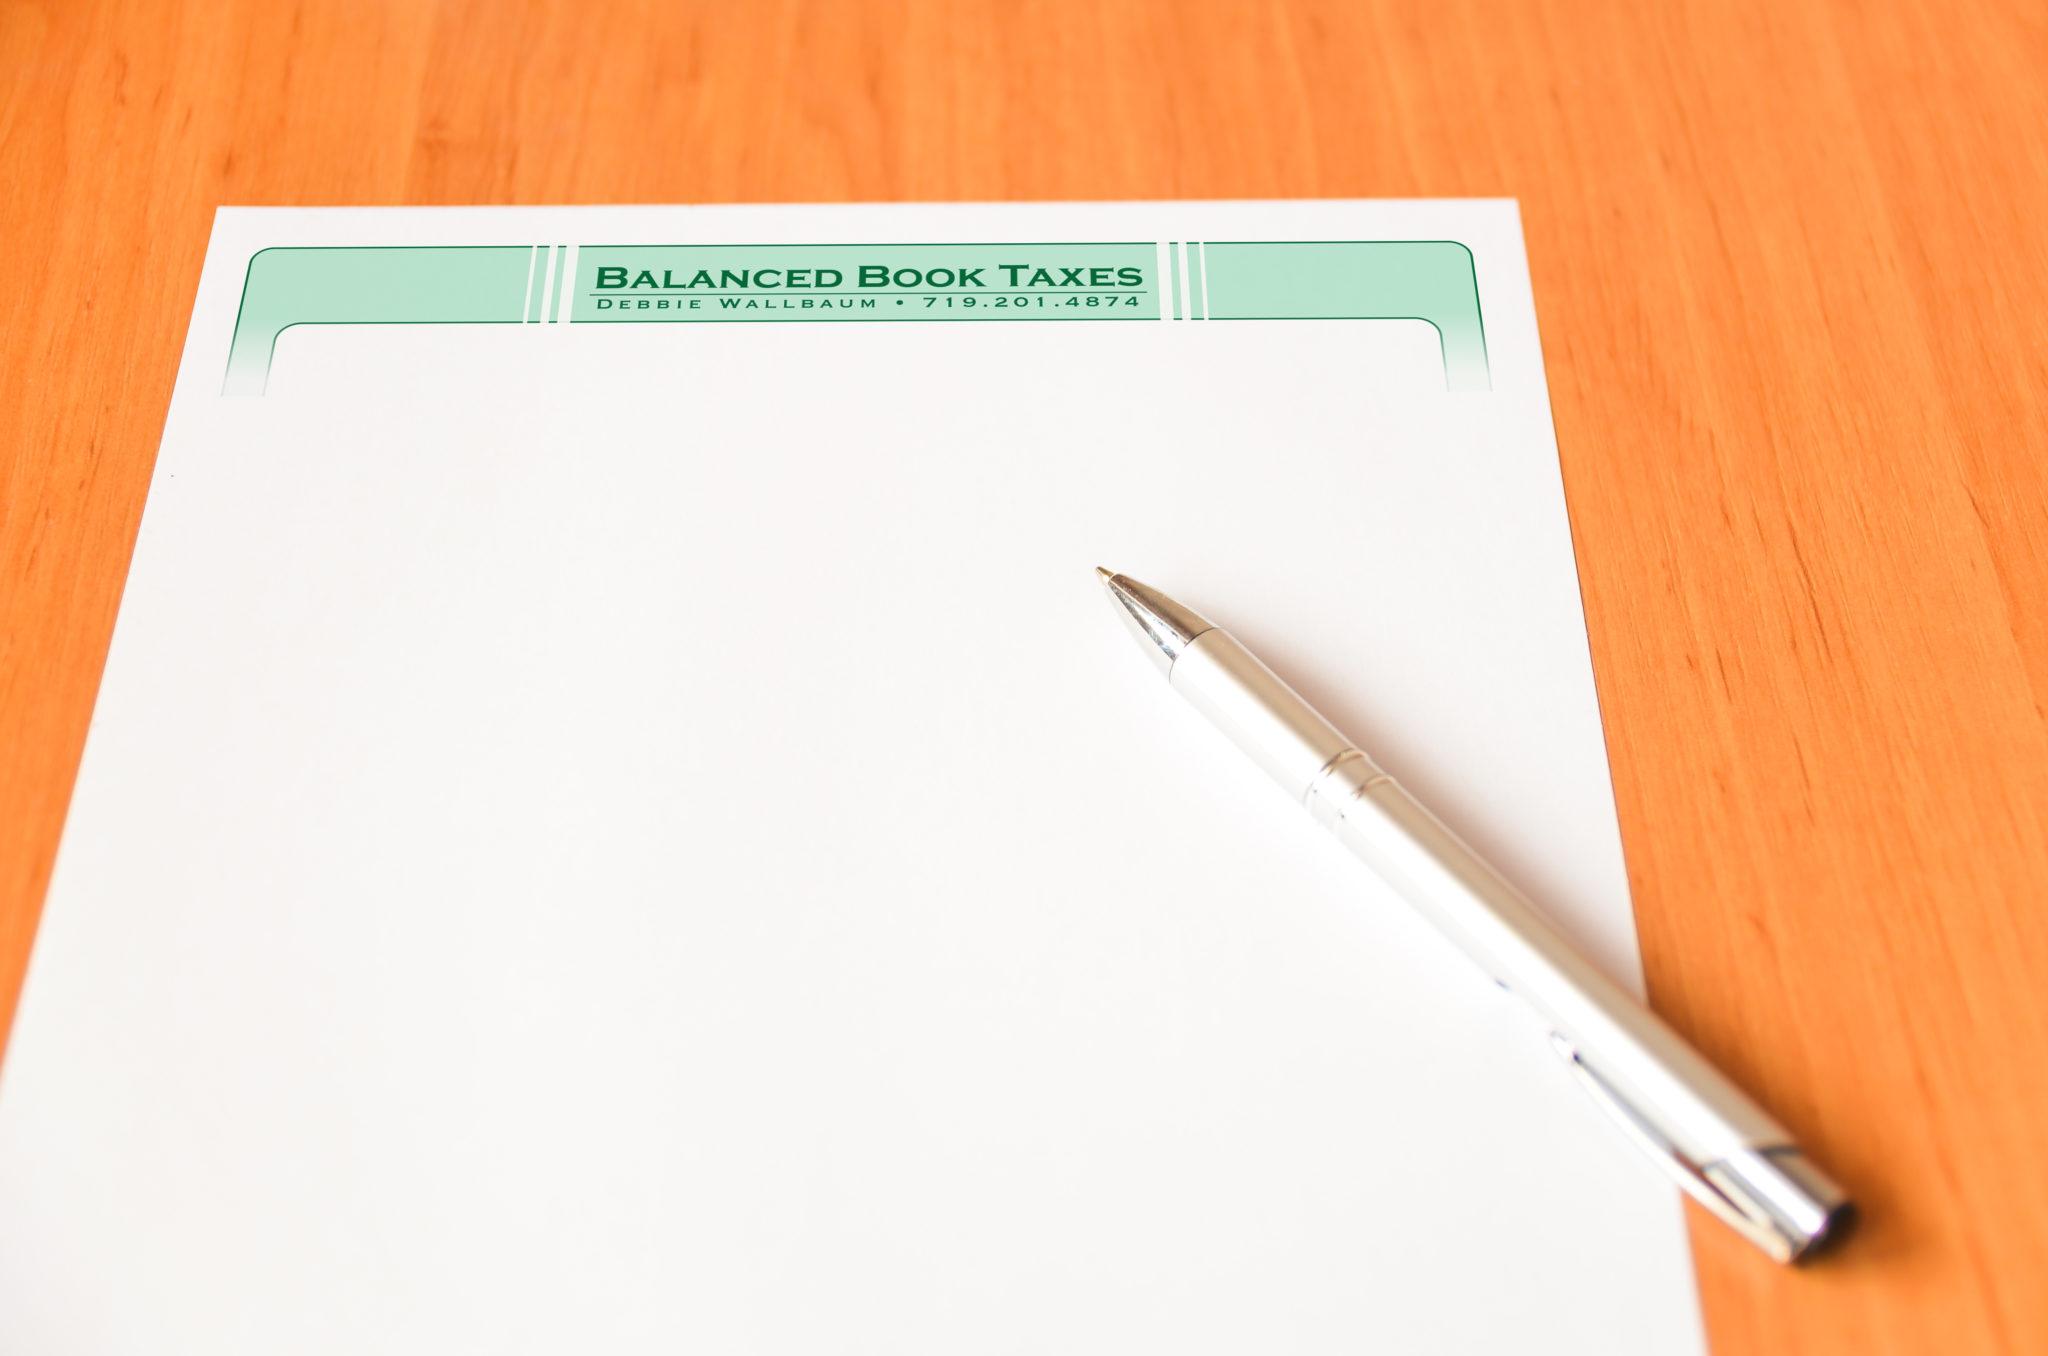 Balanced Book Taxes letterhead